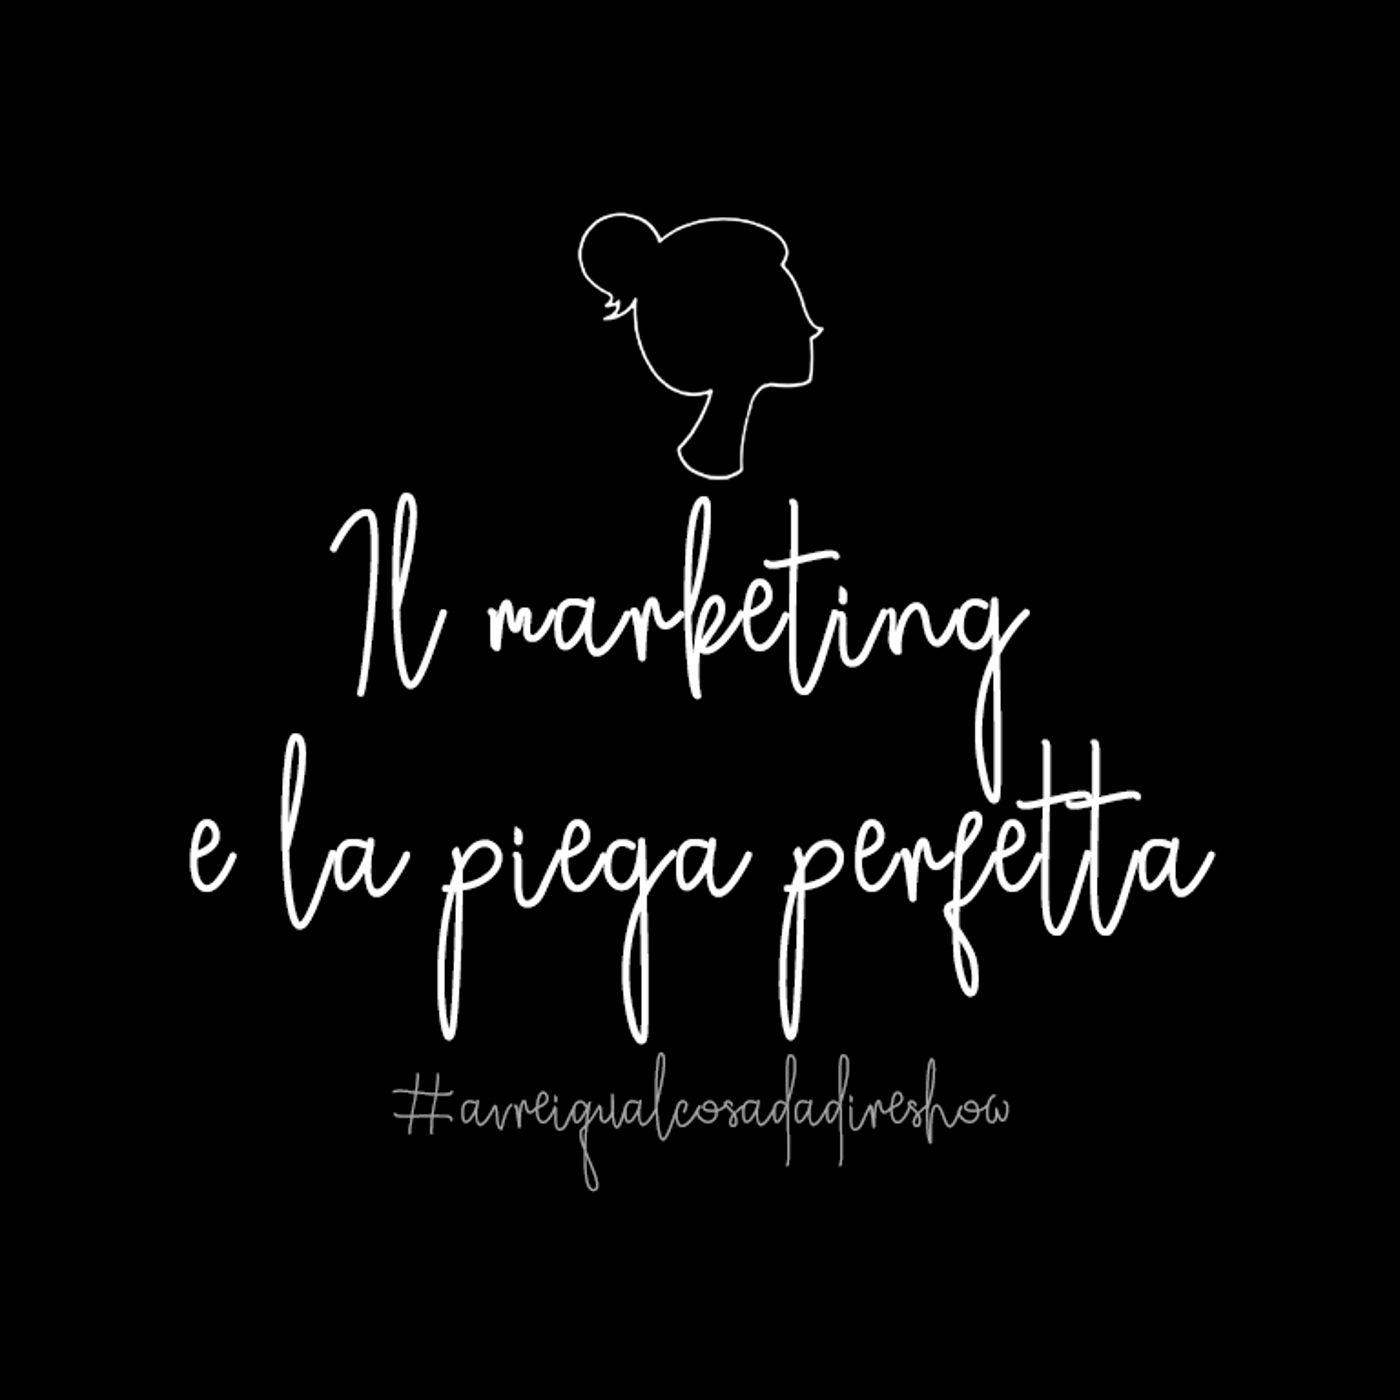 Il marketing e la piega perfetta - Avrei qualcosa da dire Show